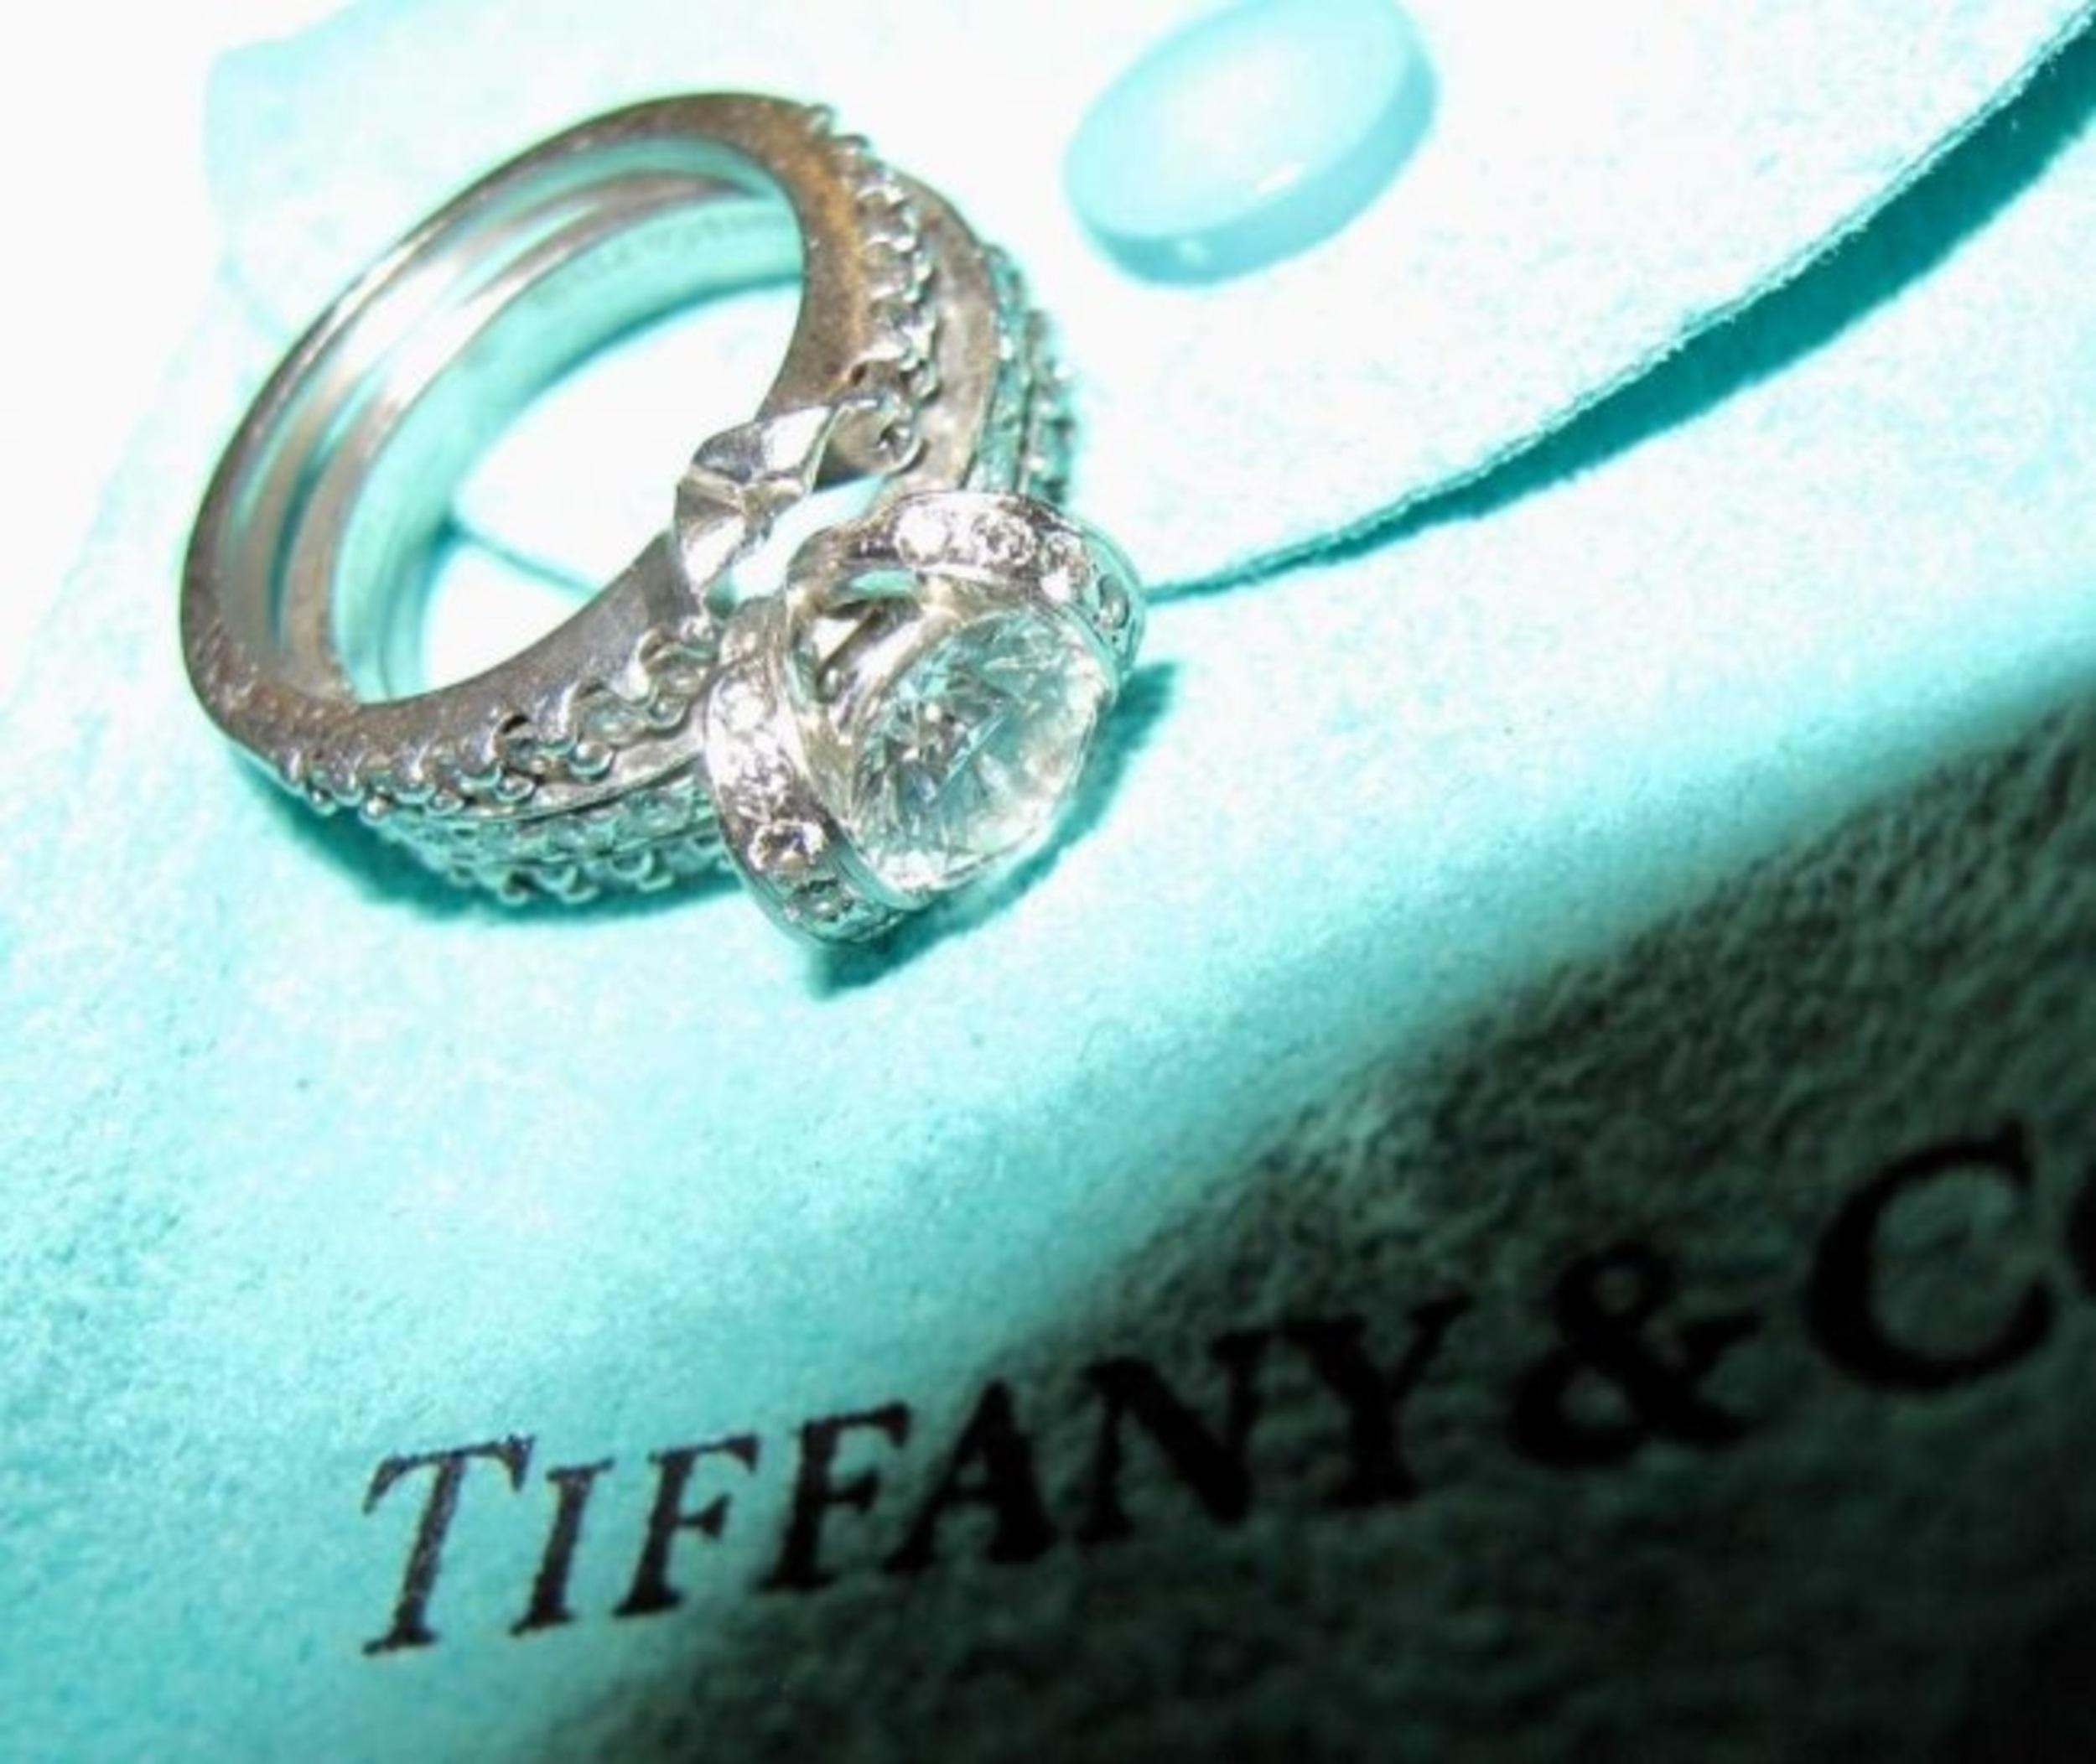 b6897acb17f38 Elegant Platinum and Diamond Bow Ribbon Ring by Tiffany & Co